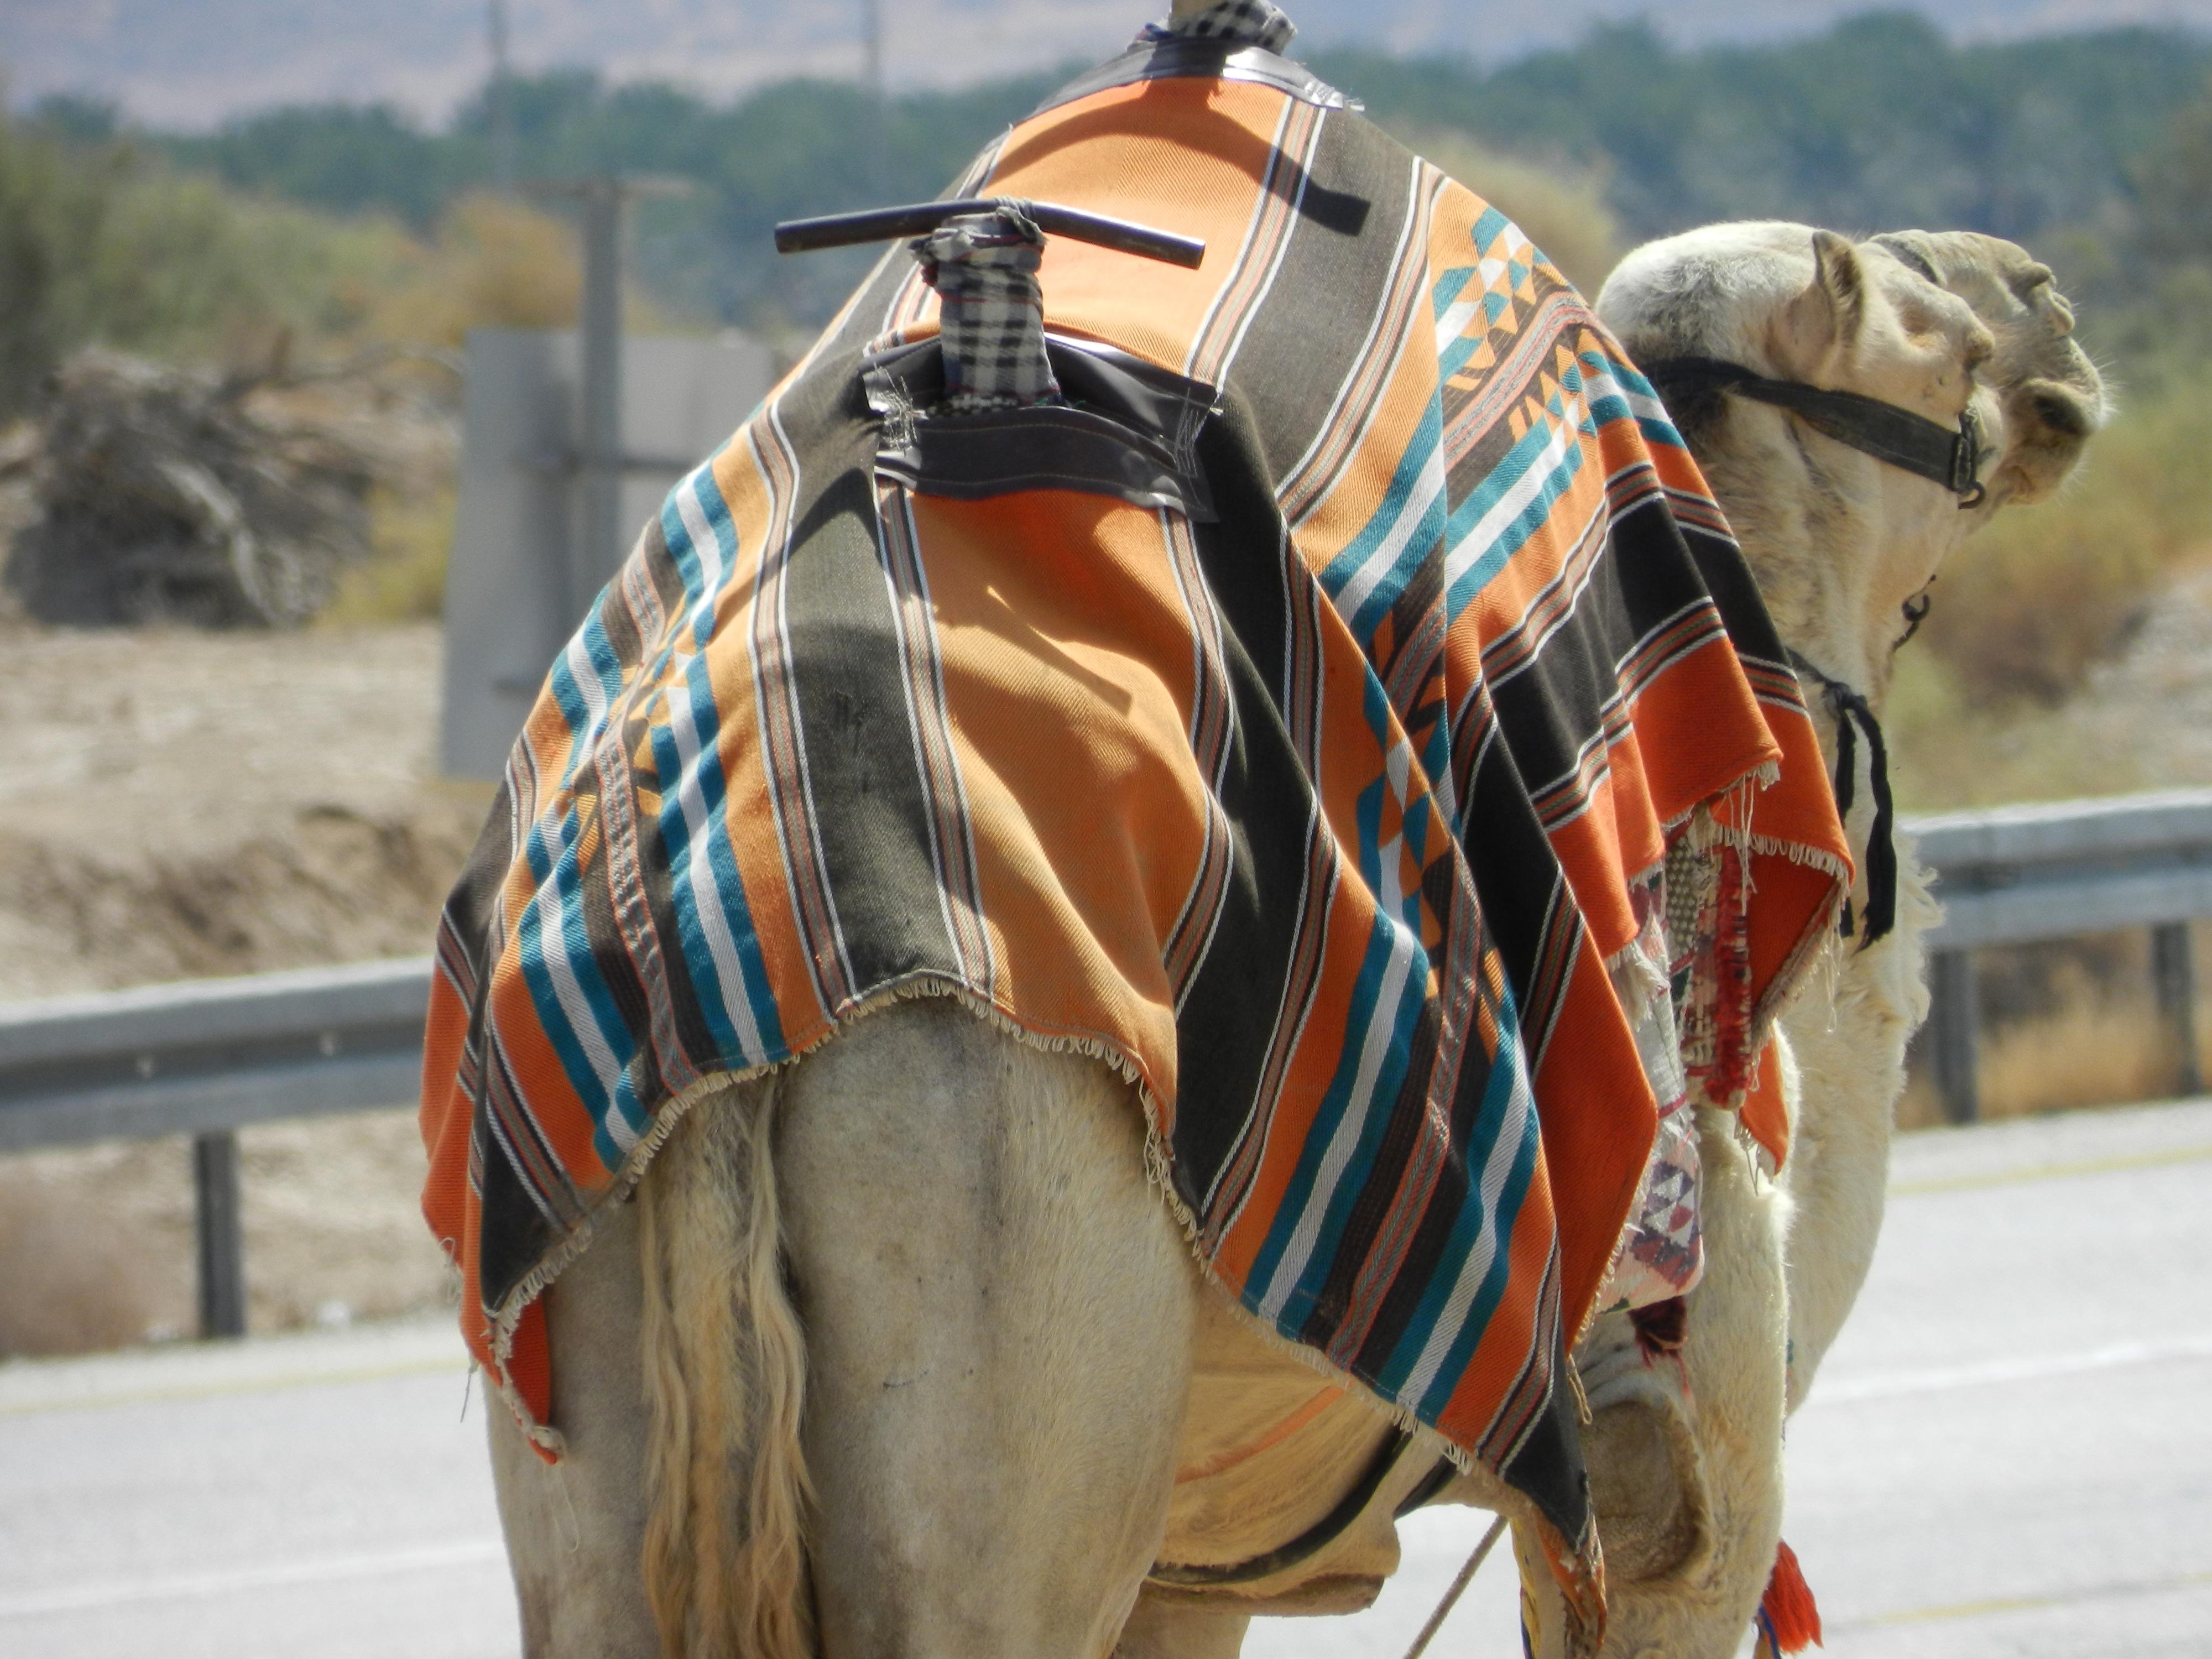 Desert Negev, Israel